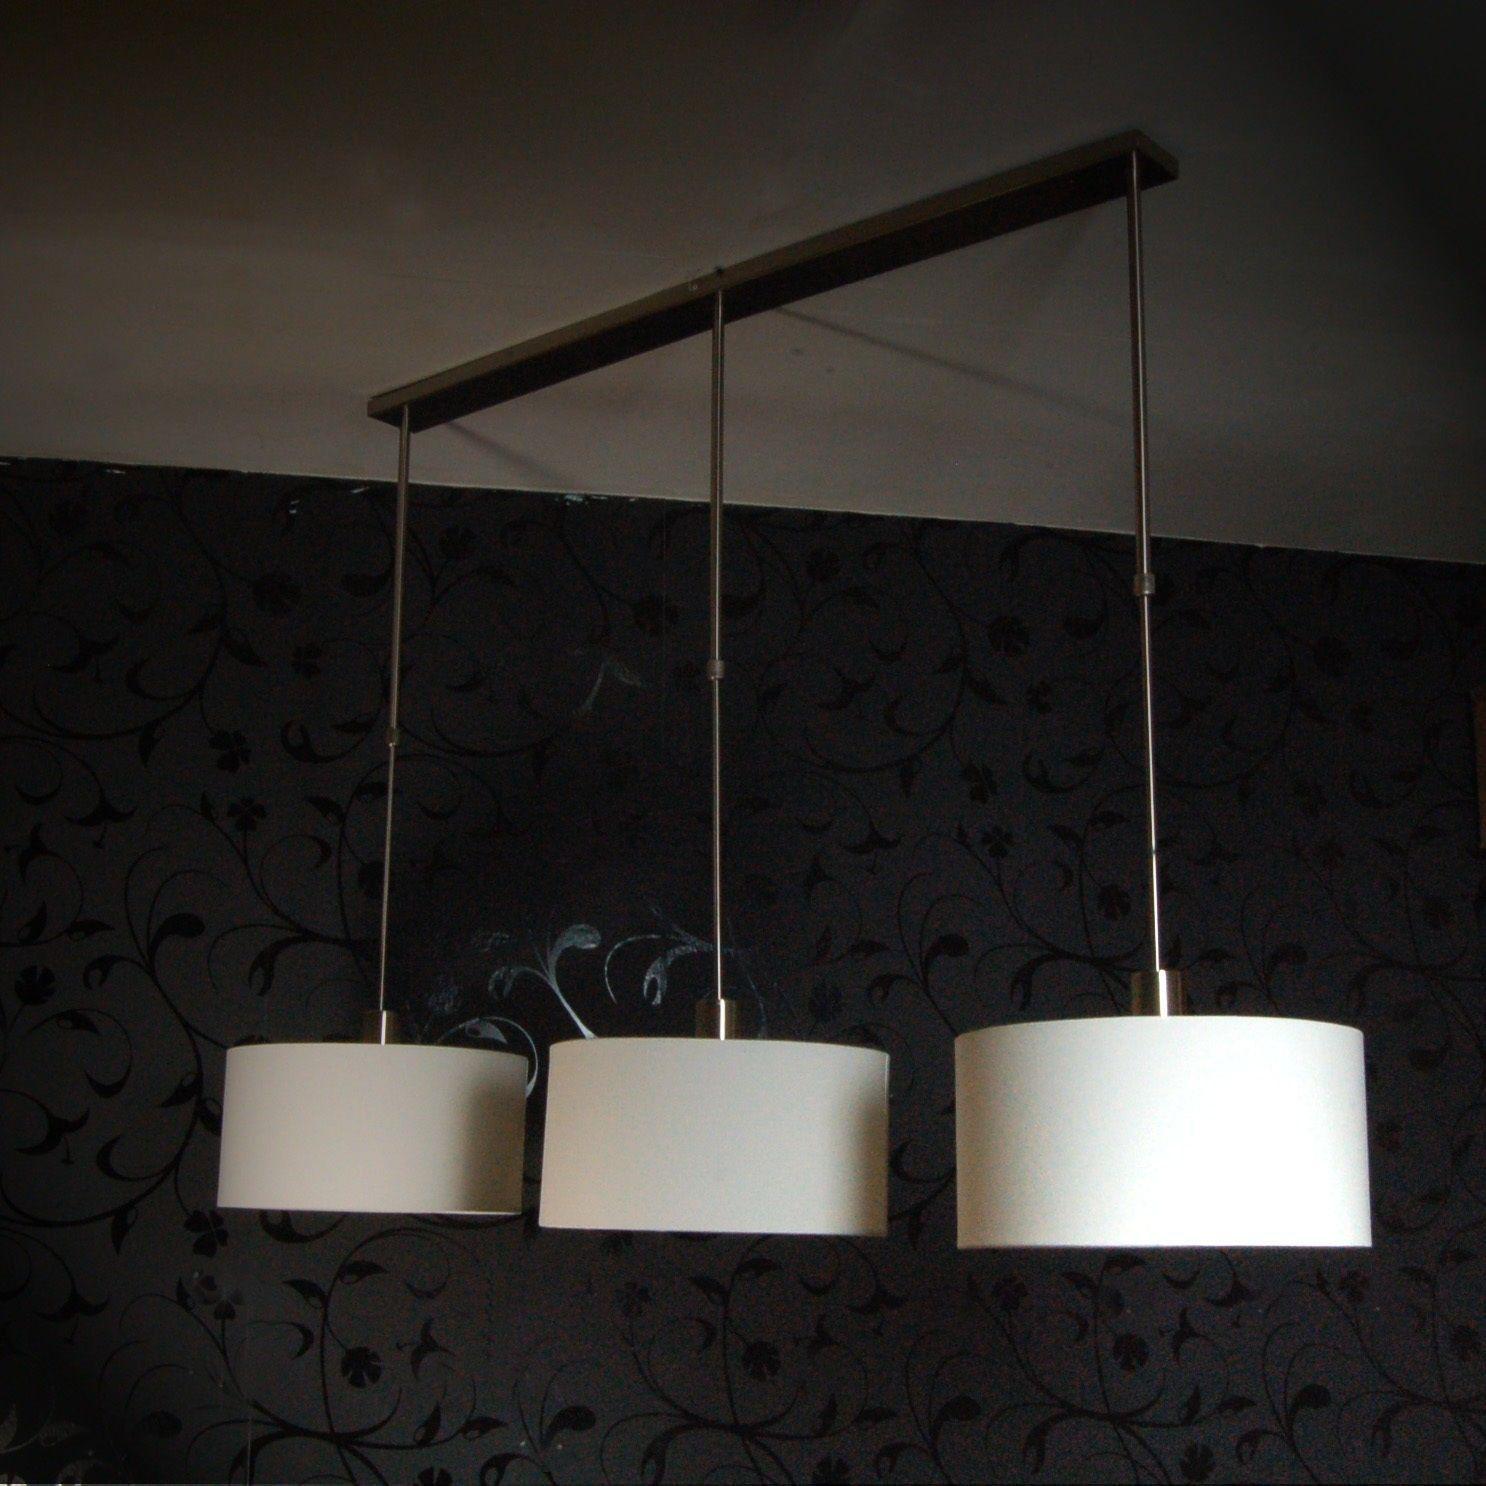 Full Size of Neu H Ngelampe Toskana Ii Esstisch Leuchte 3 Schirme Creme Wei Wohnzimmer Deckenlampen Betonplatte Pendelleuchte Mit 4 Stühlen Günstig Buche Modern Lampen Esstische Deckenlampe Esstisch